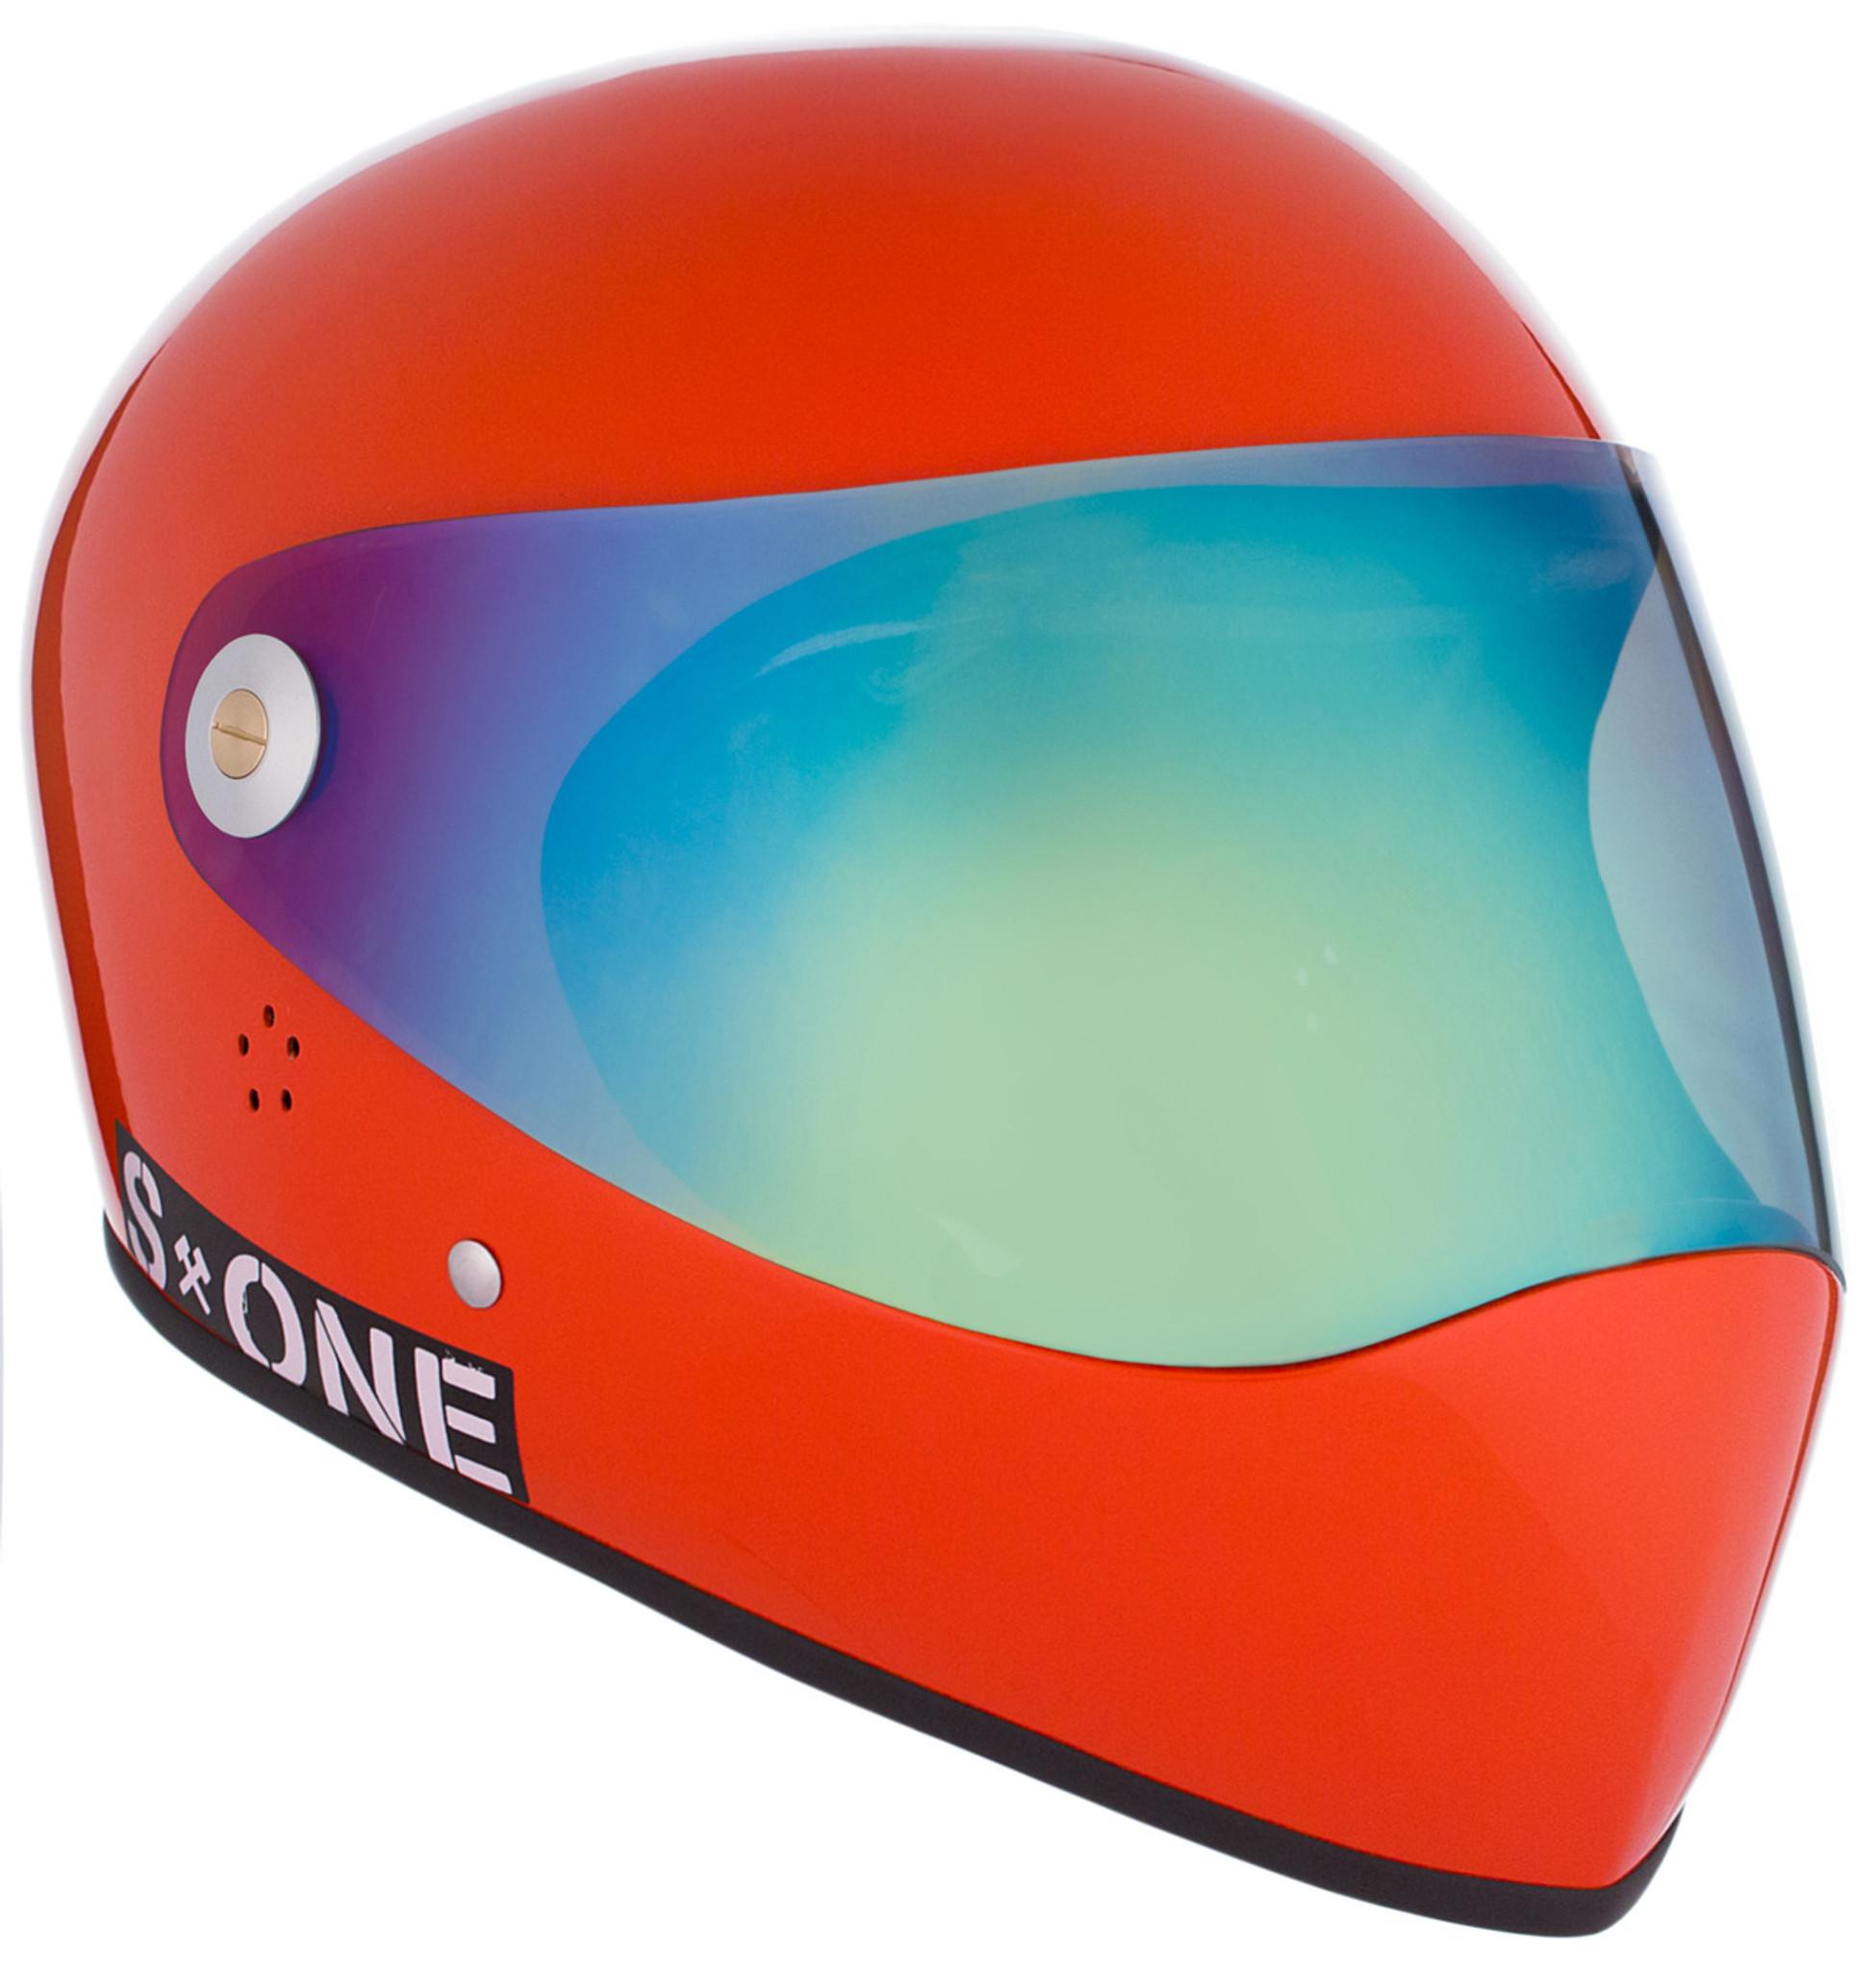 Lifer Full Face Lava Orange Gloss Visor 311 Clear W Iridium S1 Helmet Specs